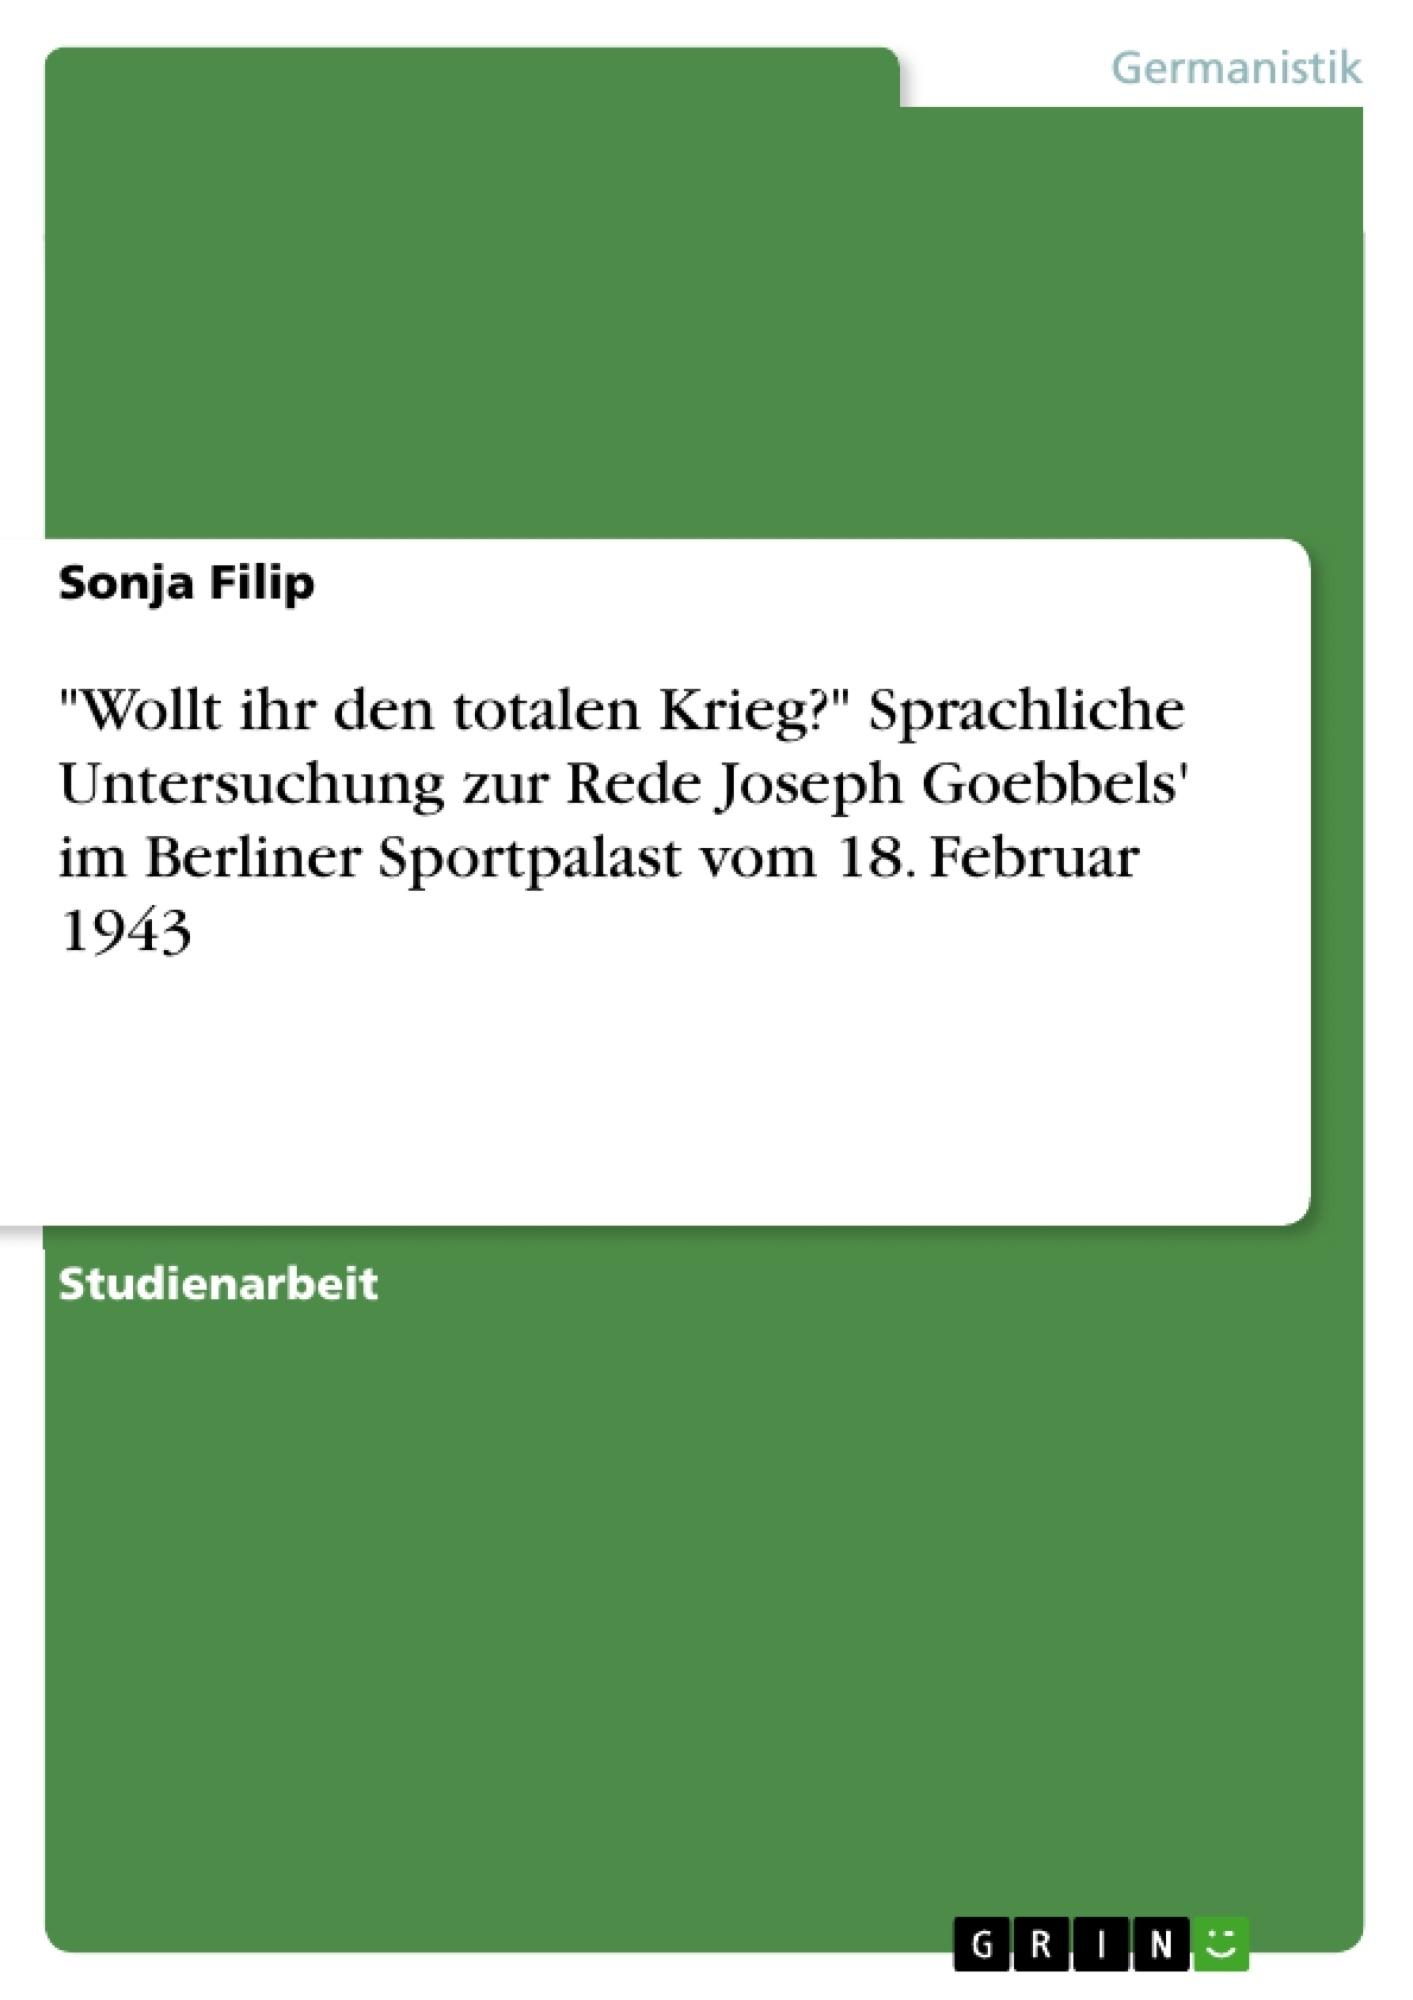 """Titel: """"Wollt ihr den totalen Krieg?"""" Sprachliche Untersuchung zur Rede Joseph Goebbels' im Berliner Sportpalast vom 18. Februar 1943"""